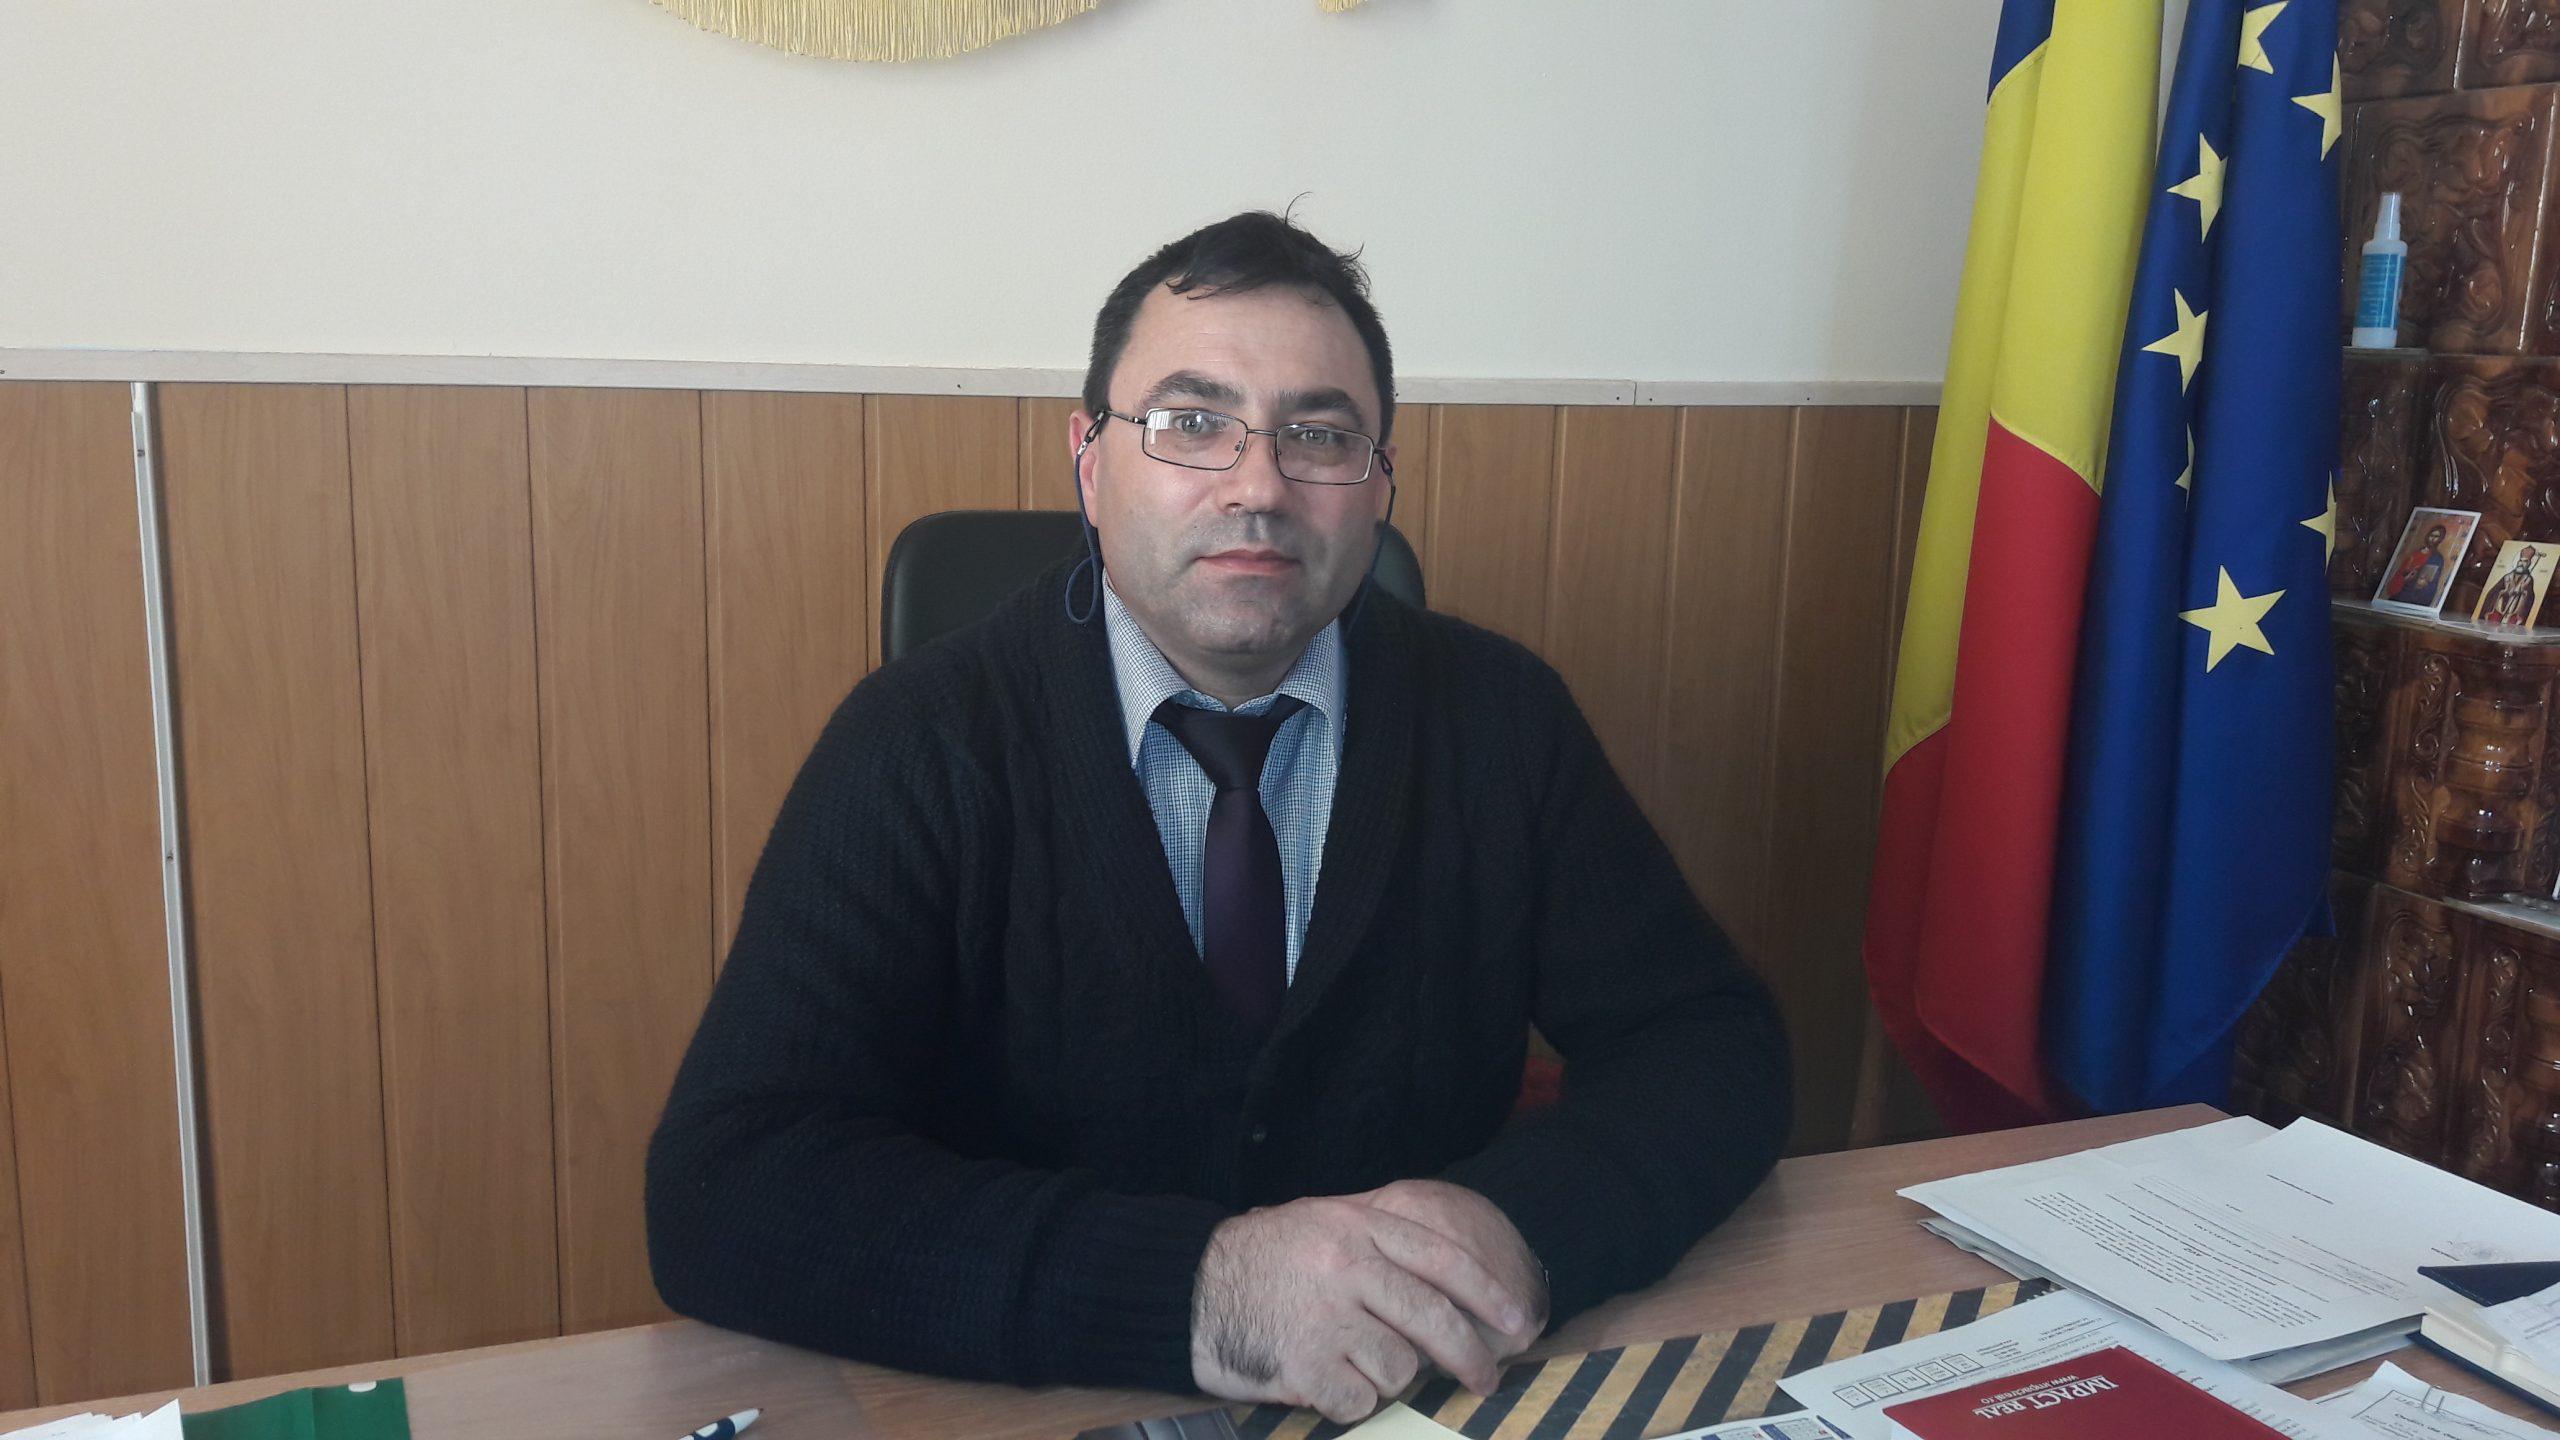 """Gheorghe Gîngu: """"Bujoreniul va deveni poarta de intrare pentru economia şi turismul vâlcean"""""""